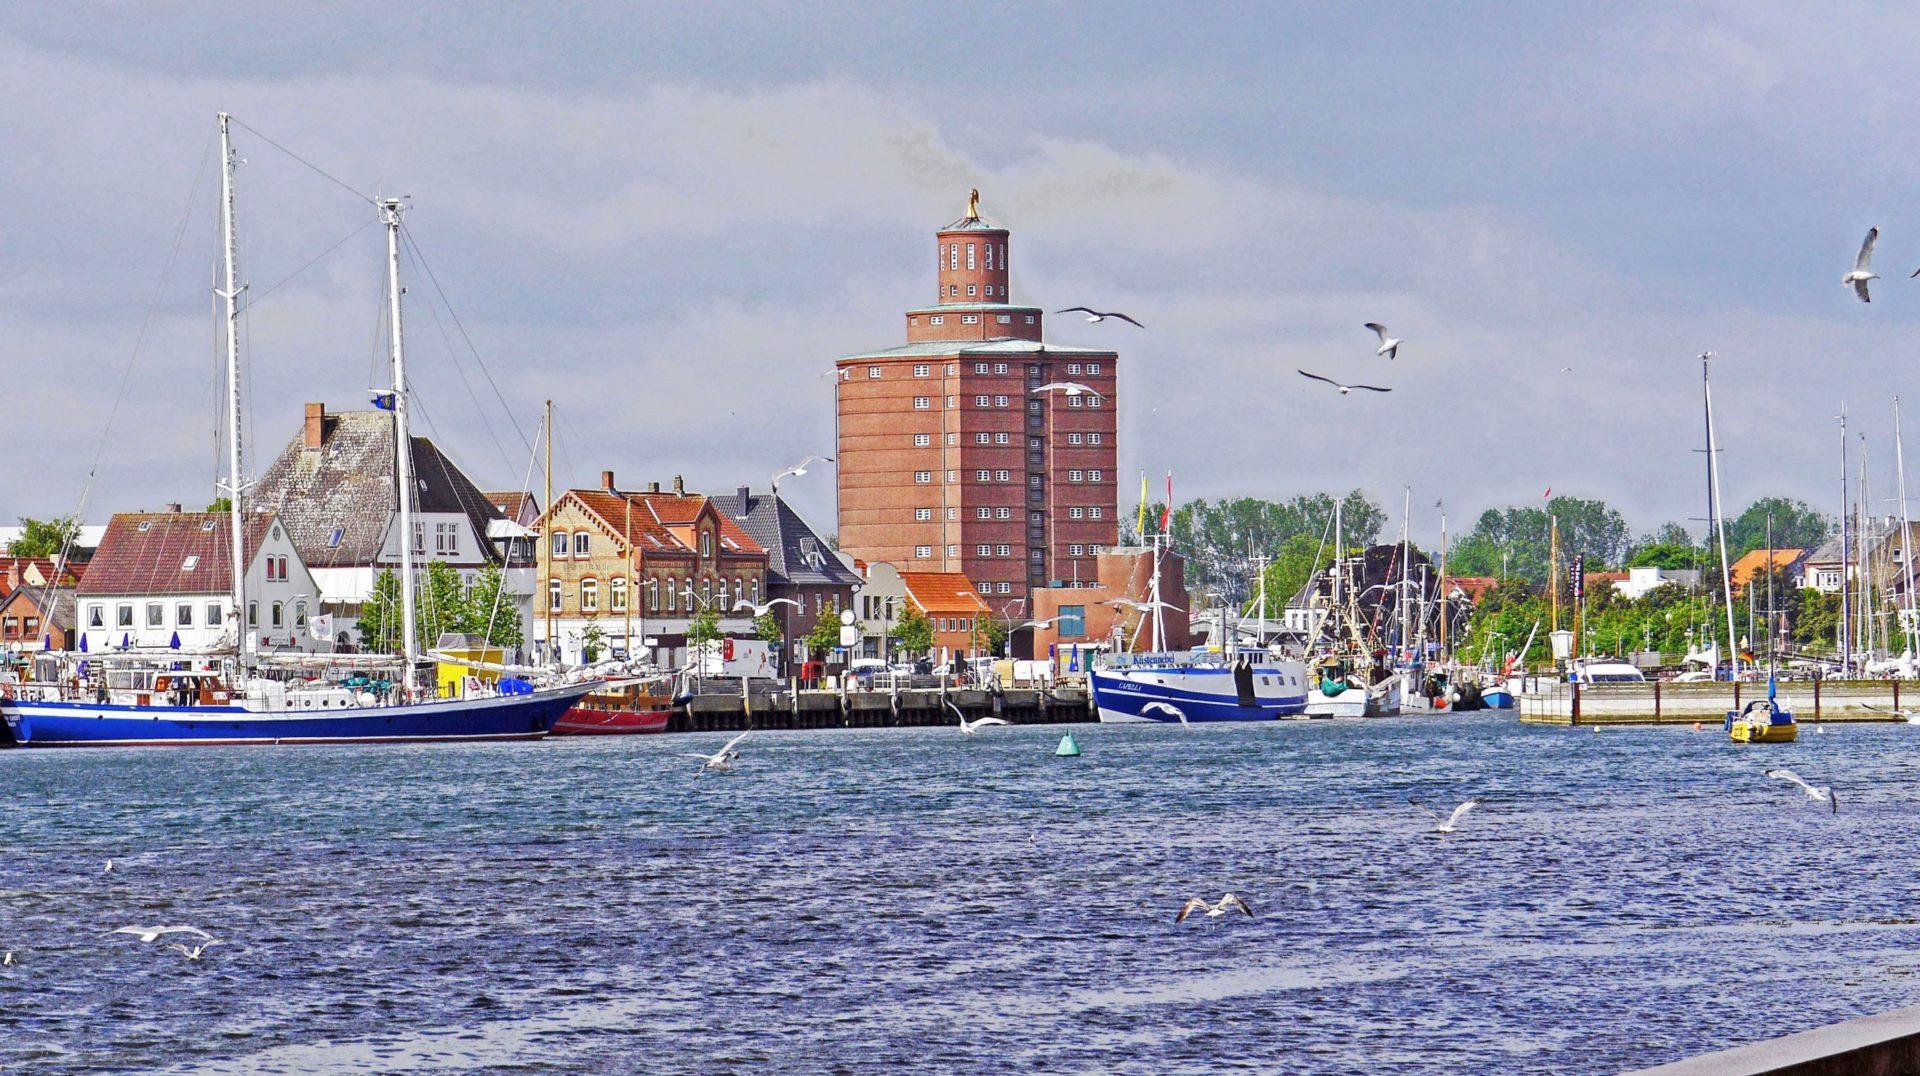 Wassertemperatur Eckernförde: Hafen mit altem Rundspeicher (Rundsilo)